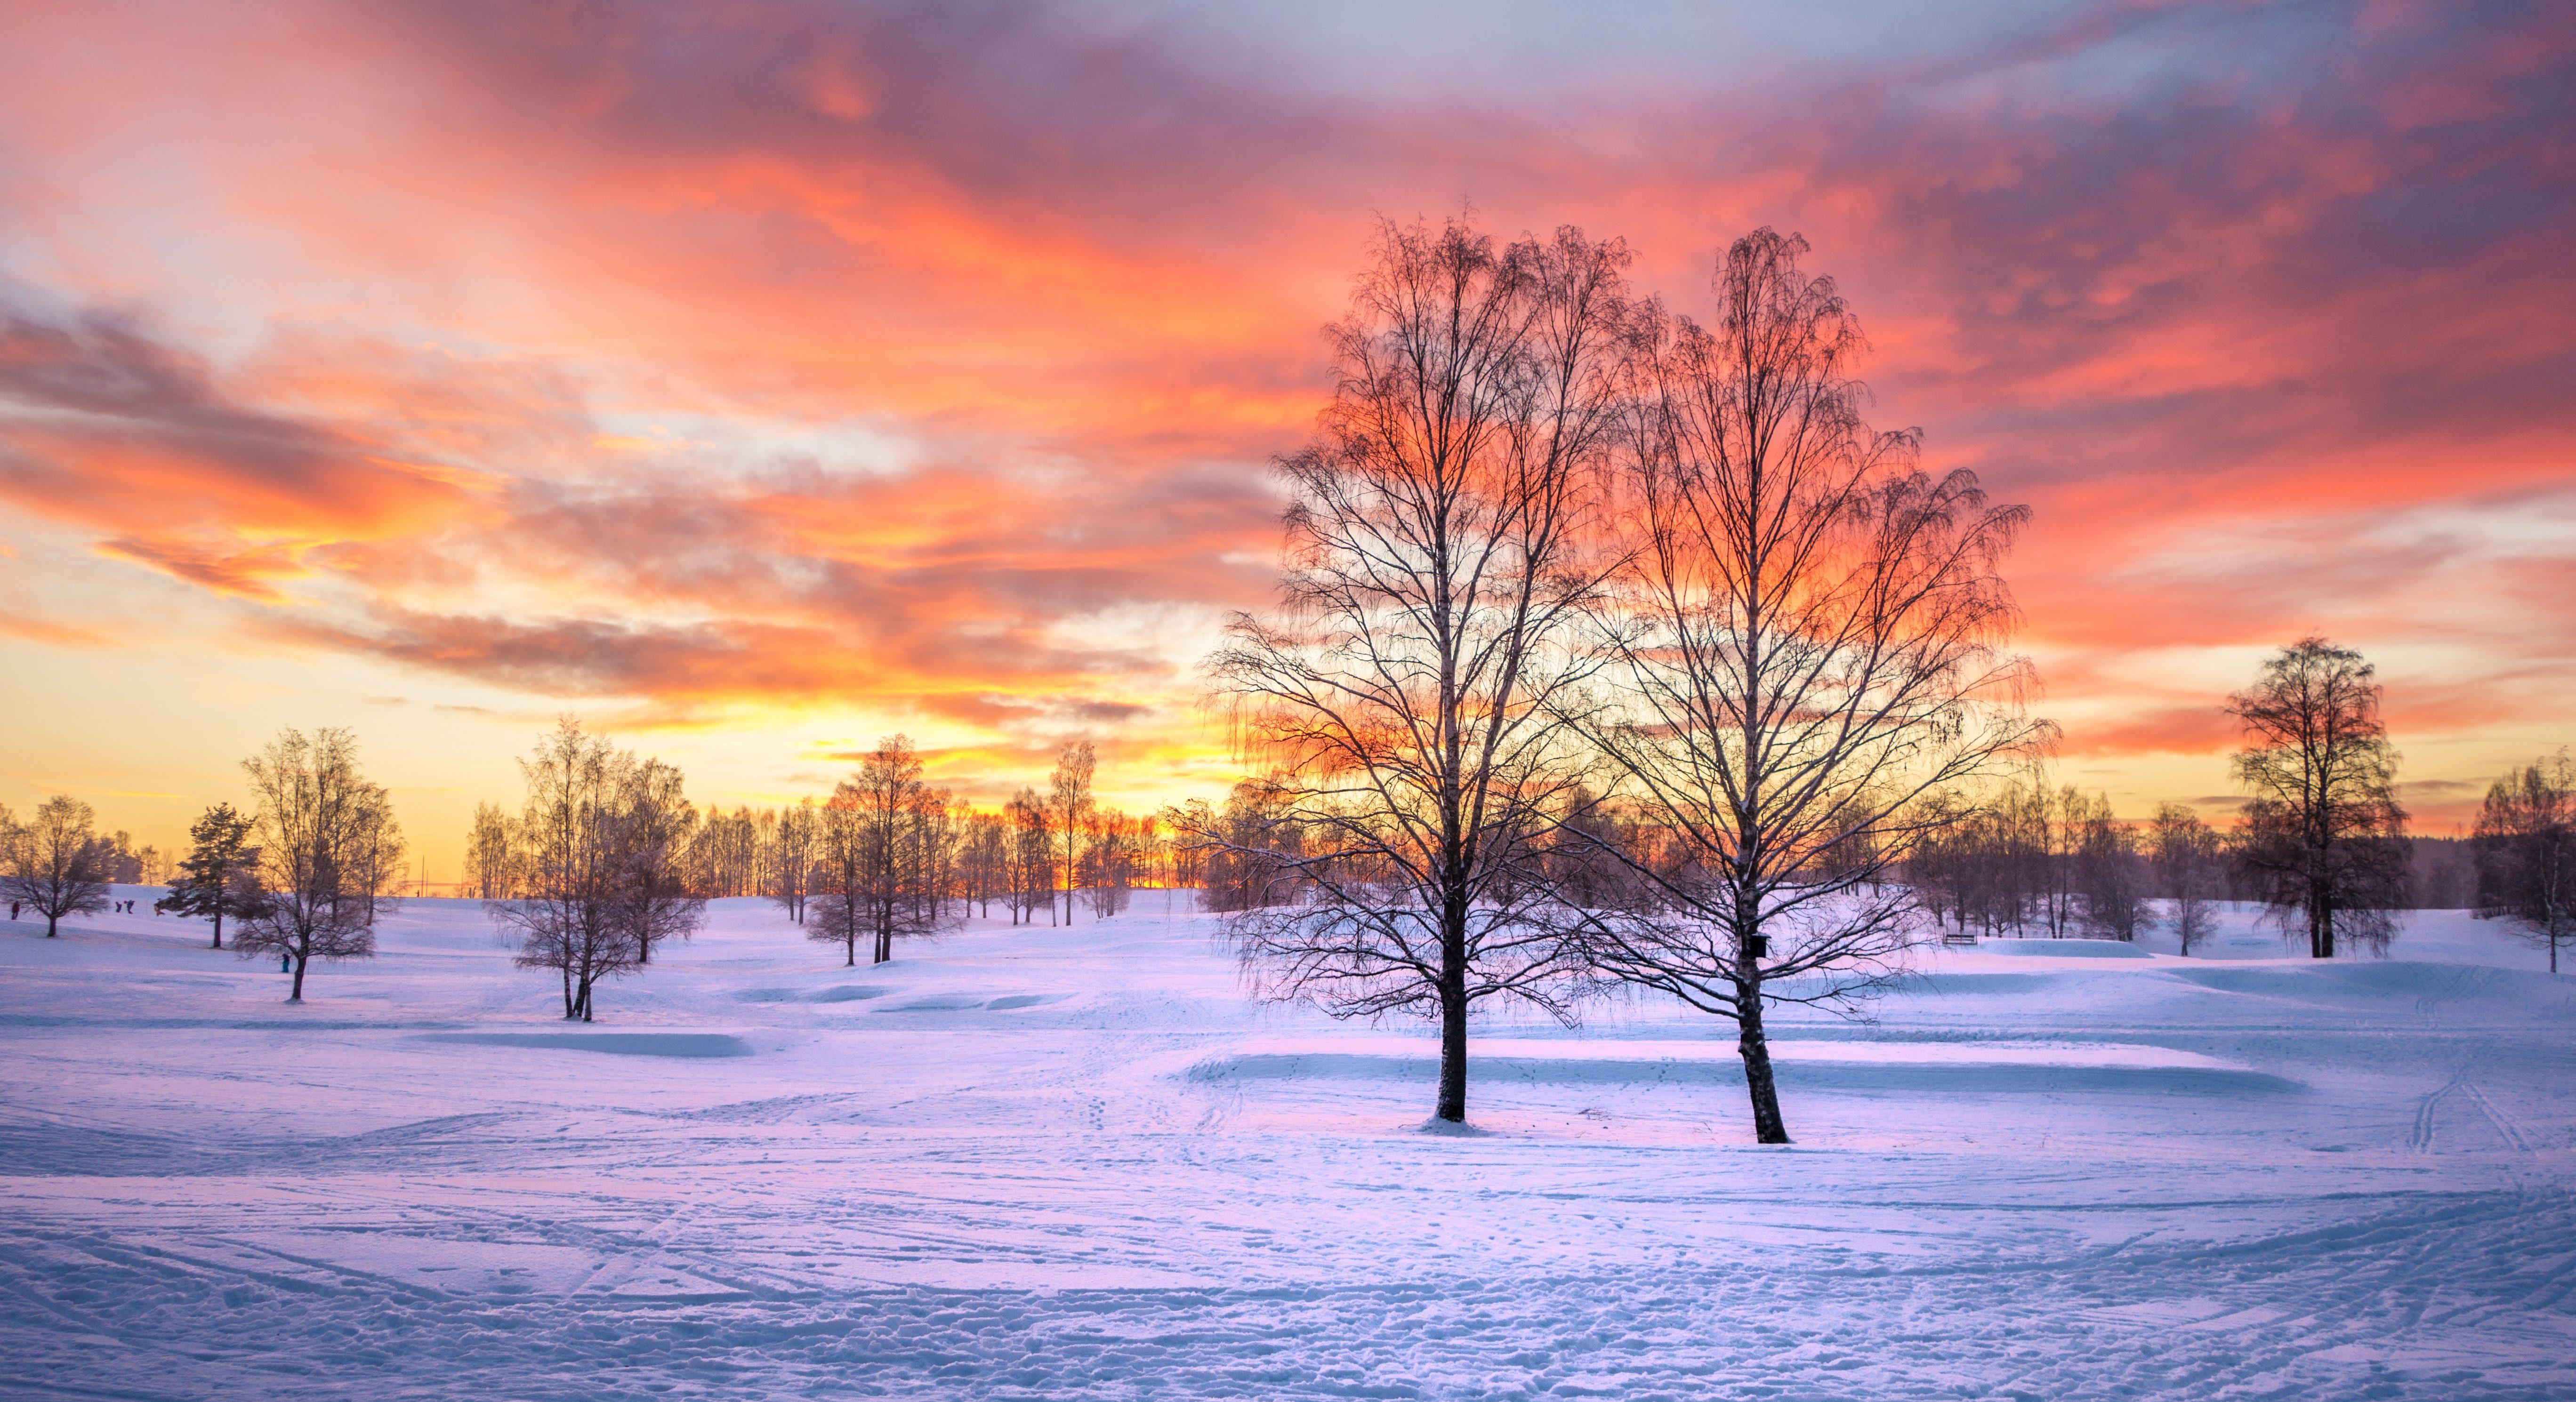 solstizio-inverno-cover